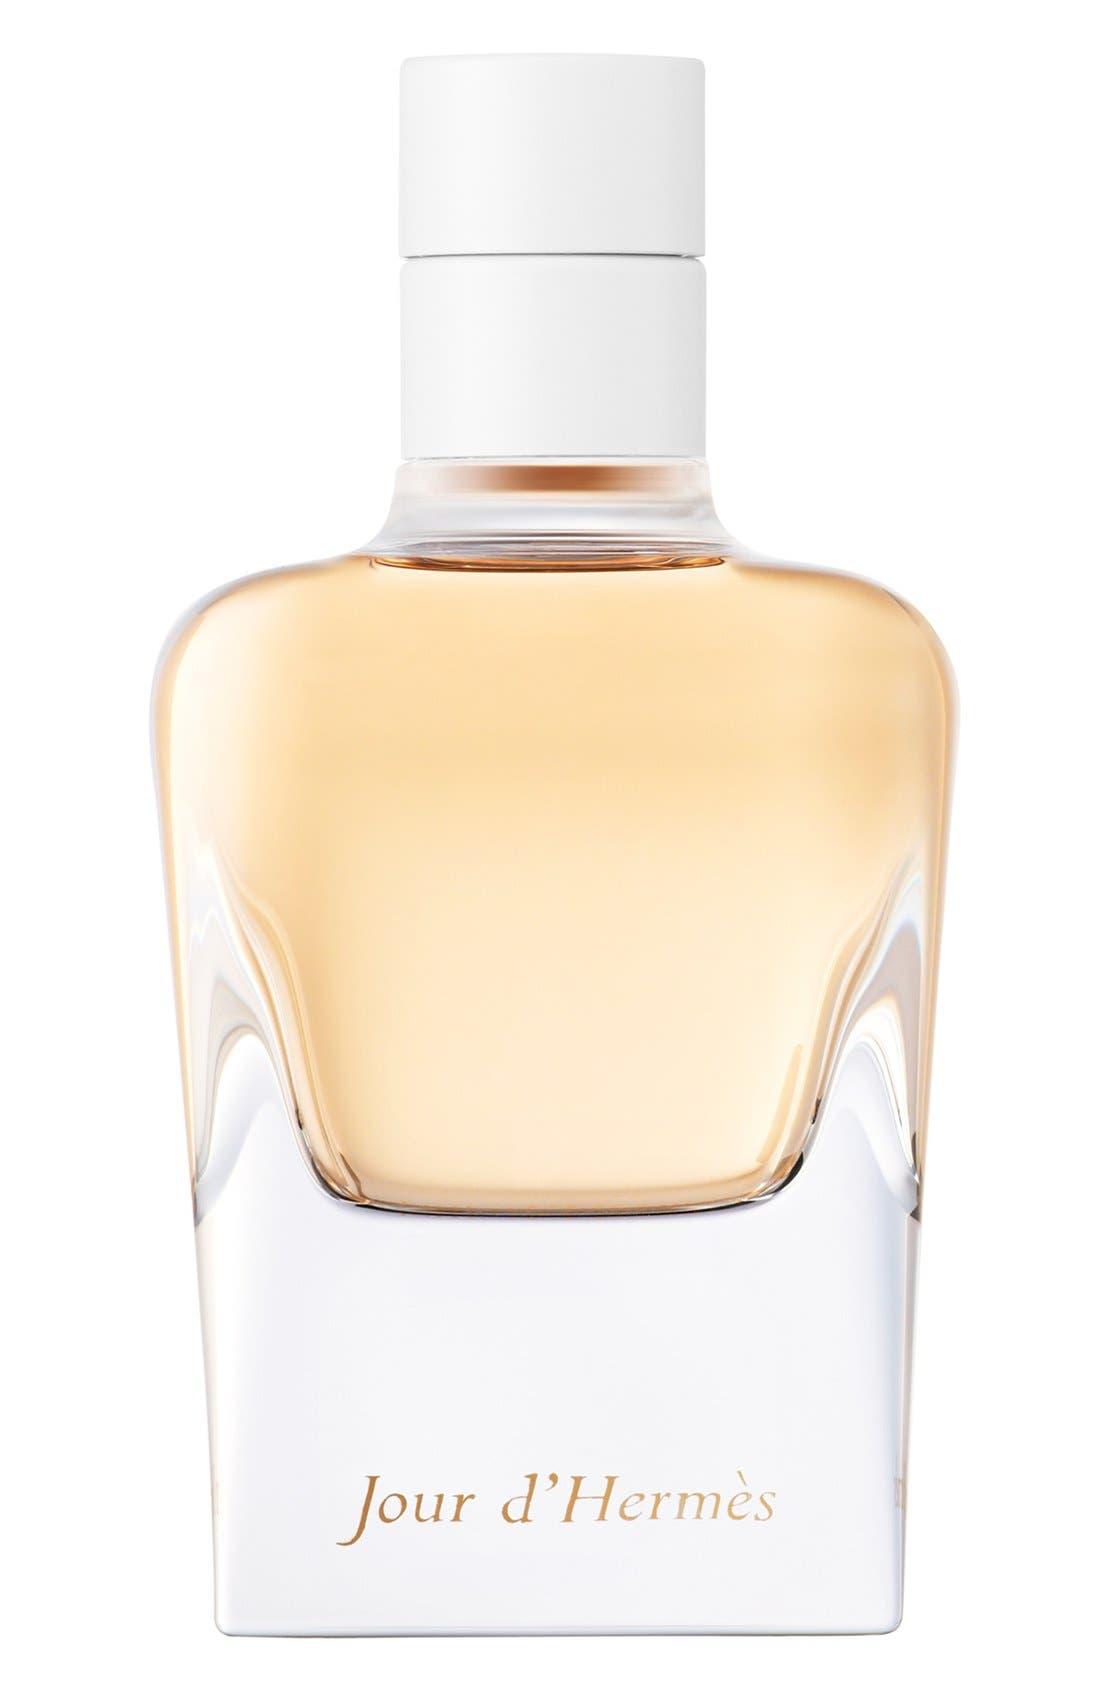 Jour d'Hermès - Eau de parfum spray,                         Main,                         color, NO COLOR